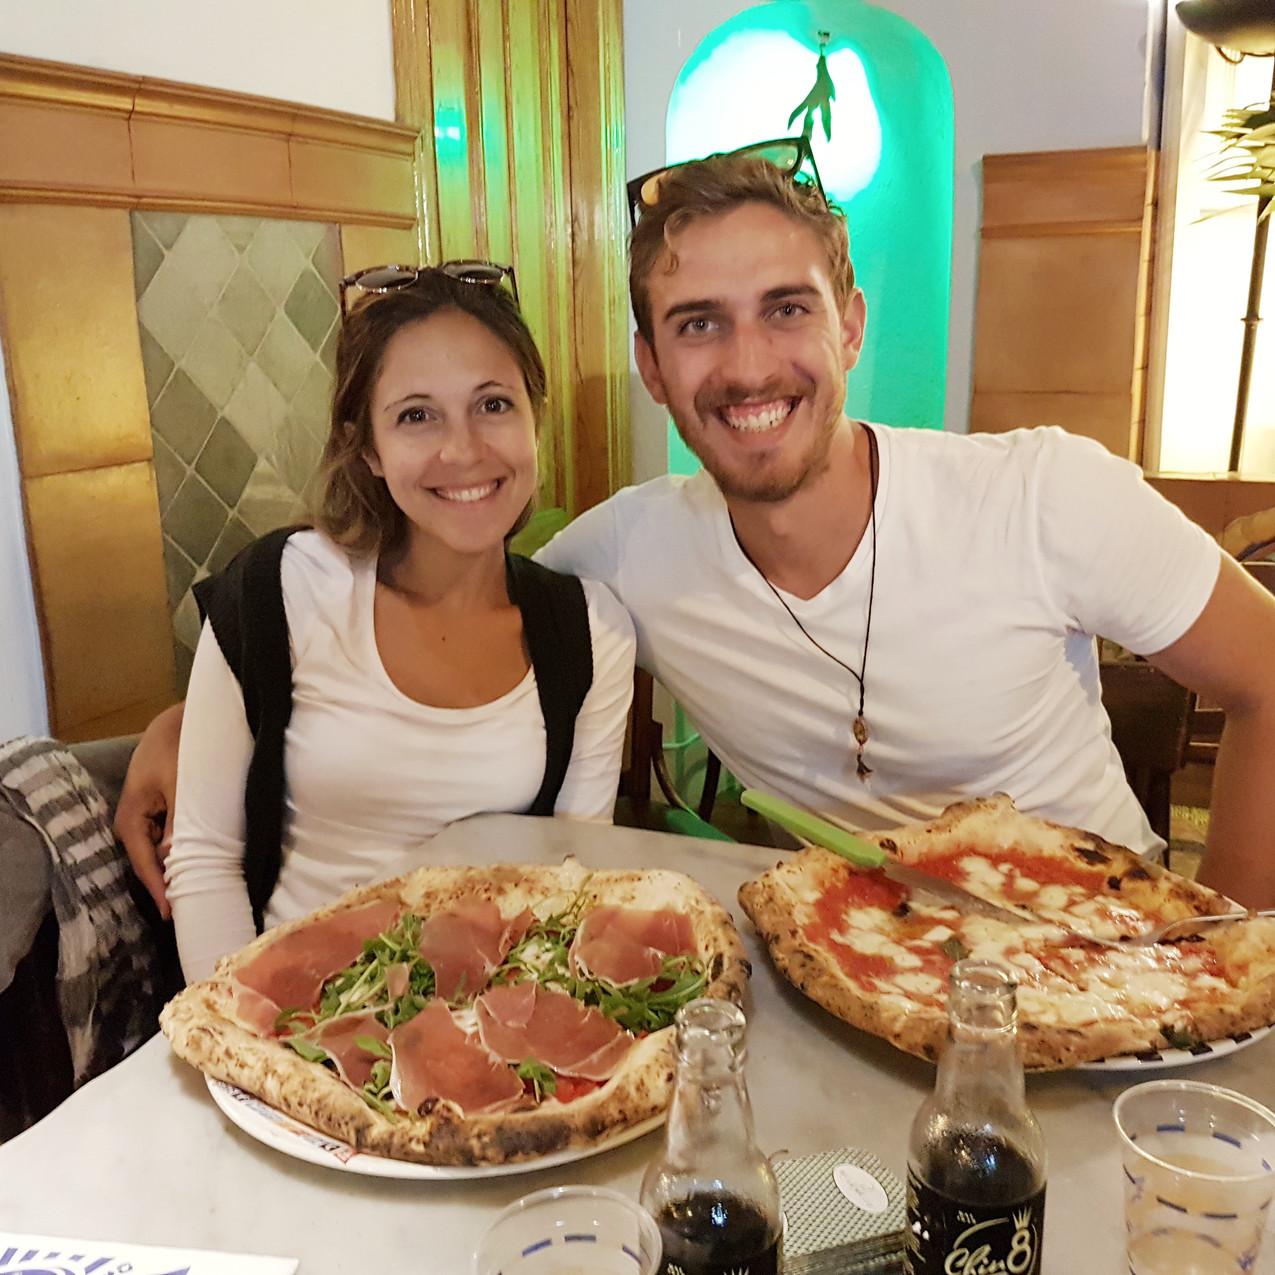 Magarita pizza and Rodolfo pizza